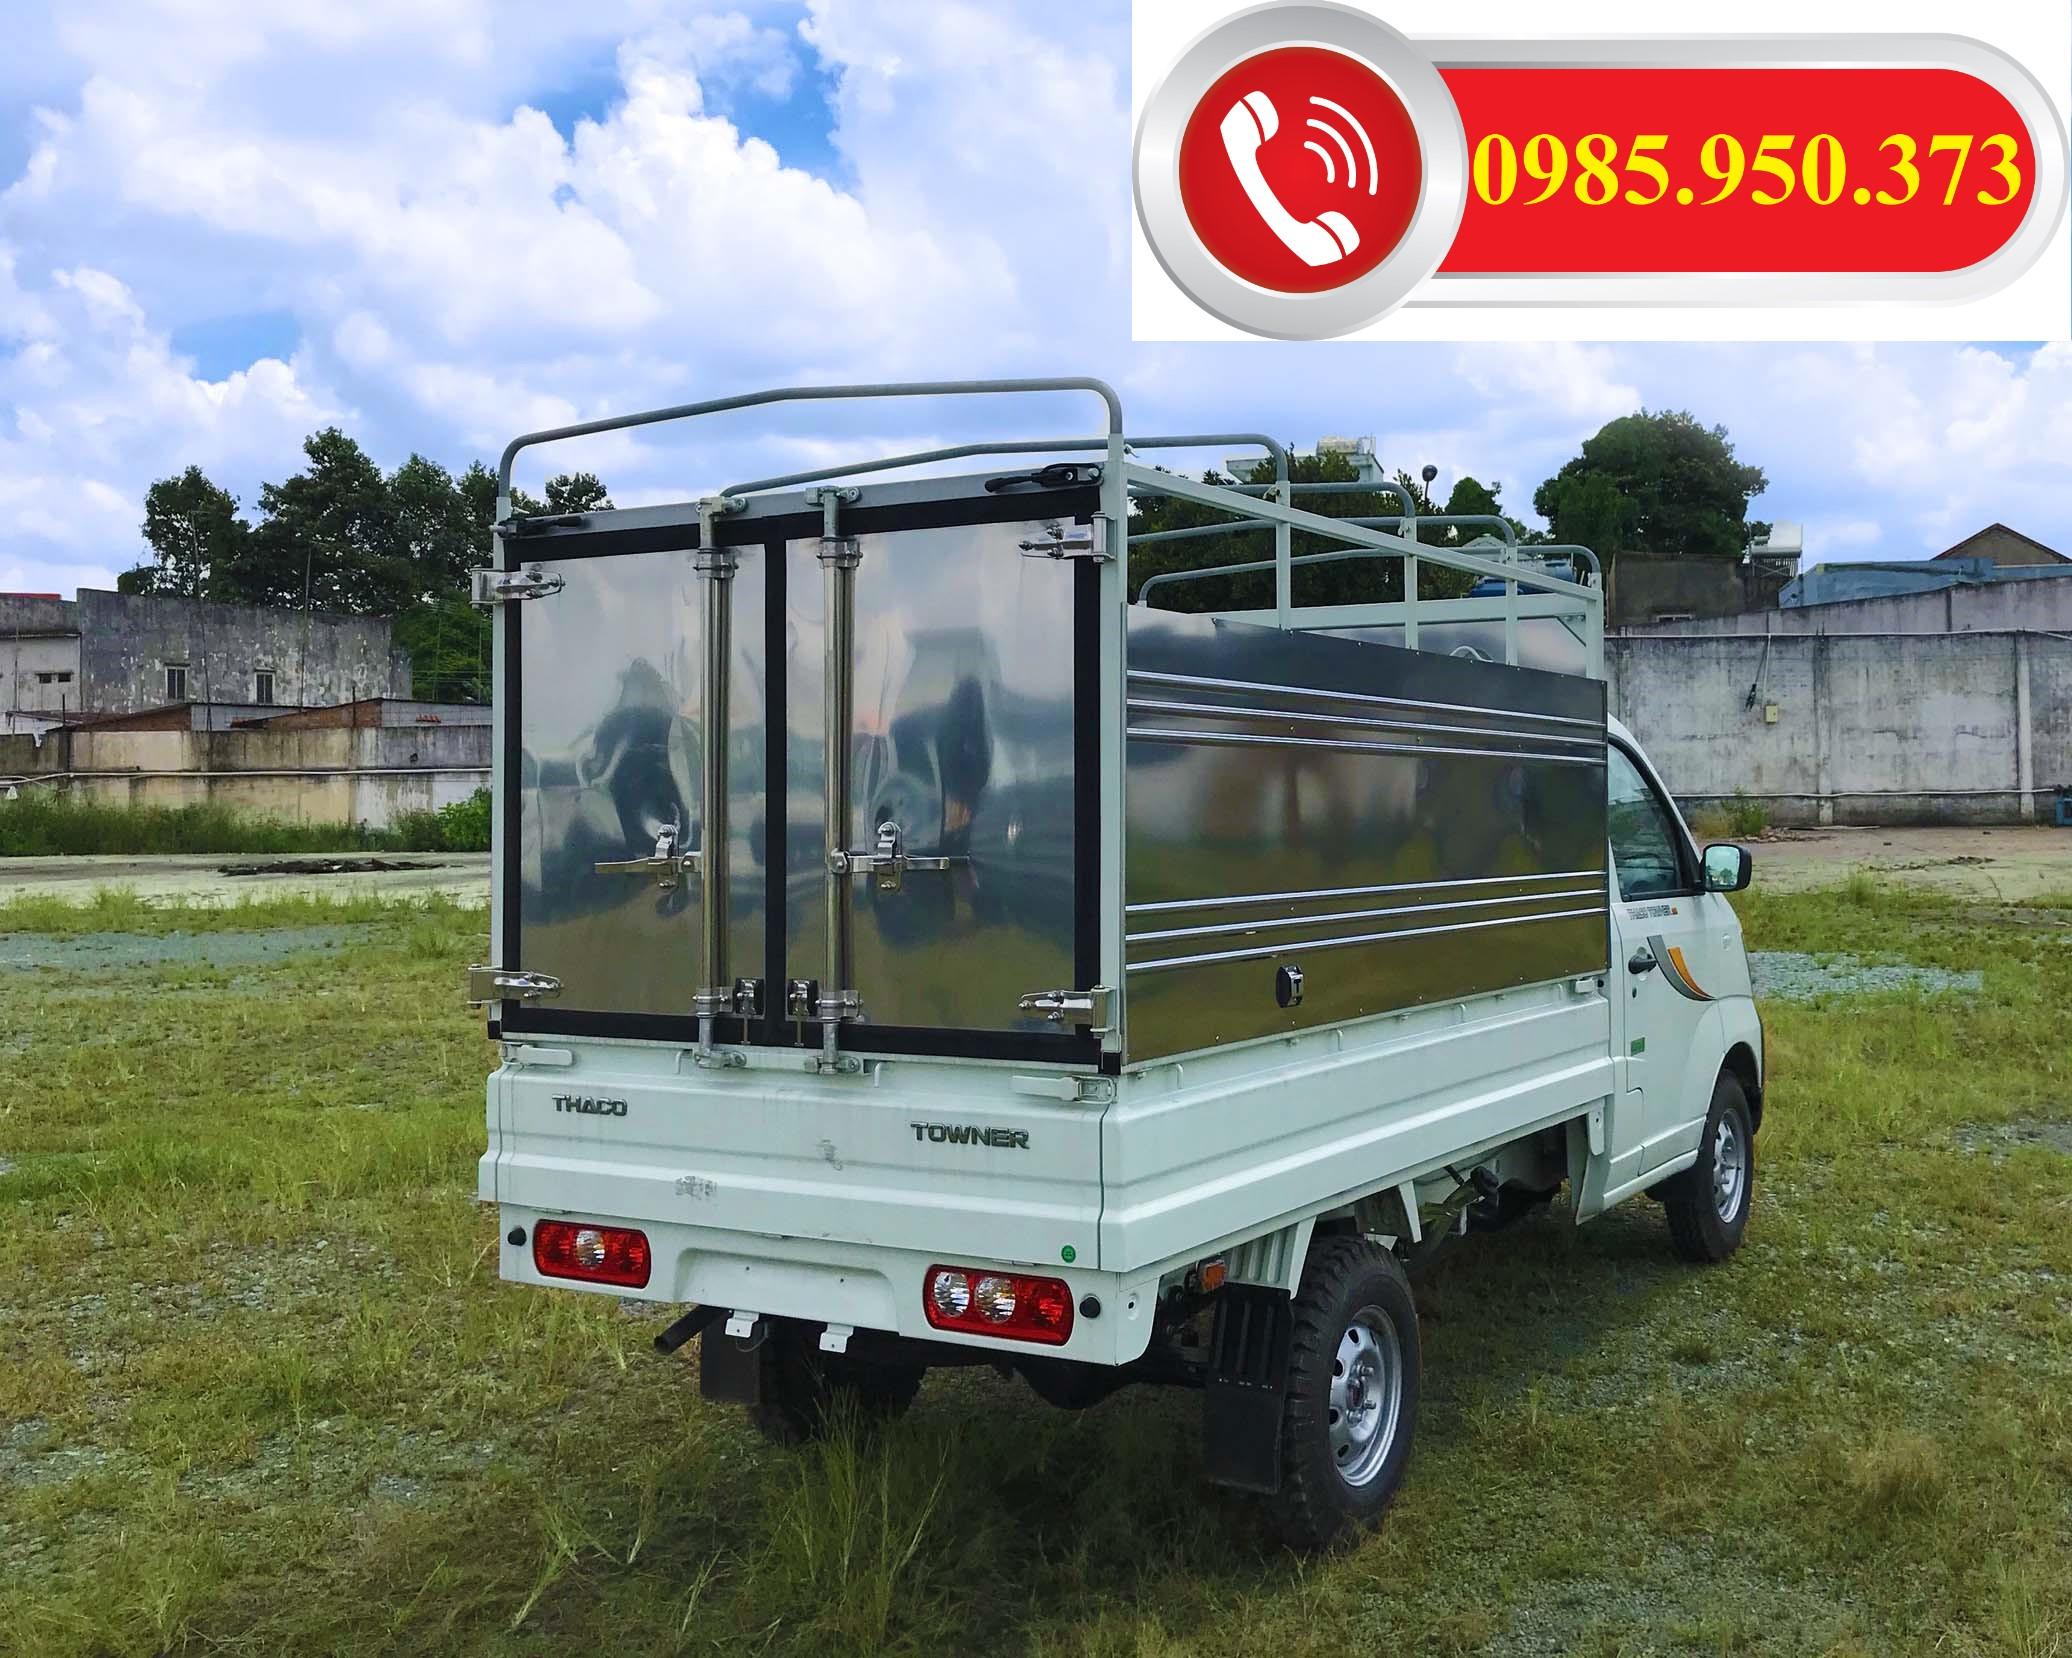 xe-tải-nhỏ-Thaco-Towner-990-1-tan-thùng-mui-bạt-trắng-990kg.-1.jpgs_-1.jpga_-1.jpg